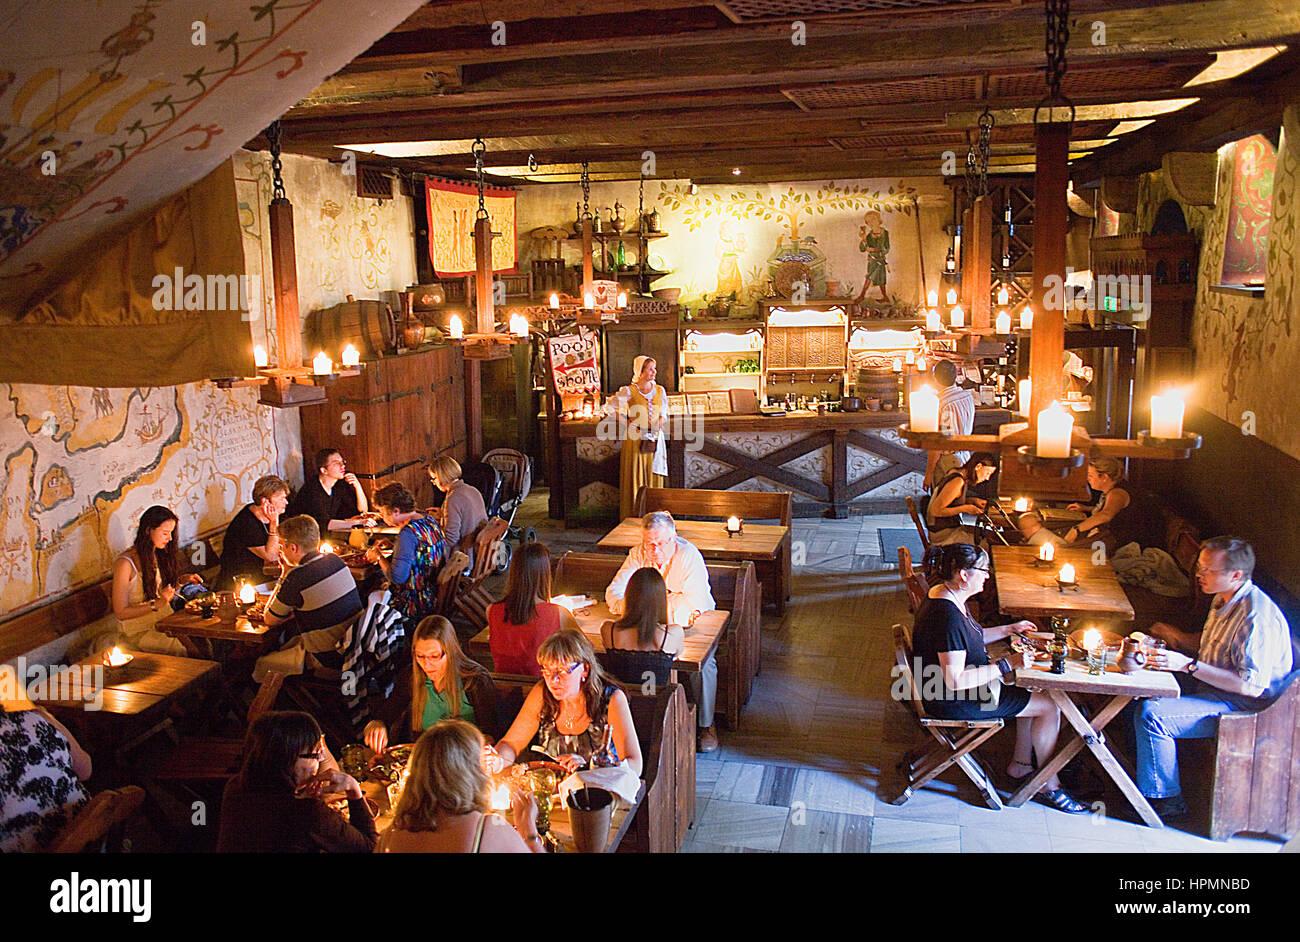 Olde Hansa restaurant ,1 Vana Turg,Tallinn, Estonia - Stock Image